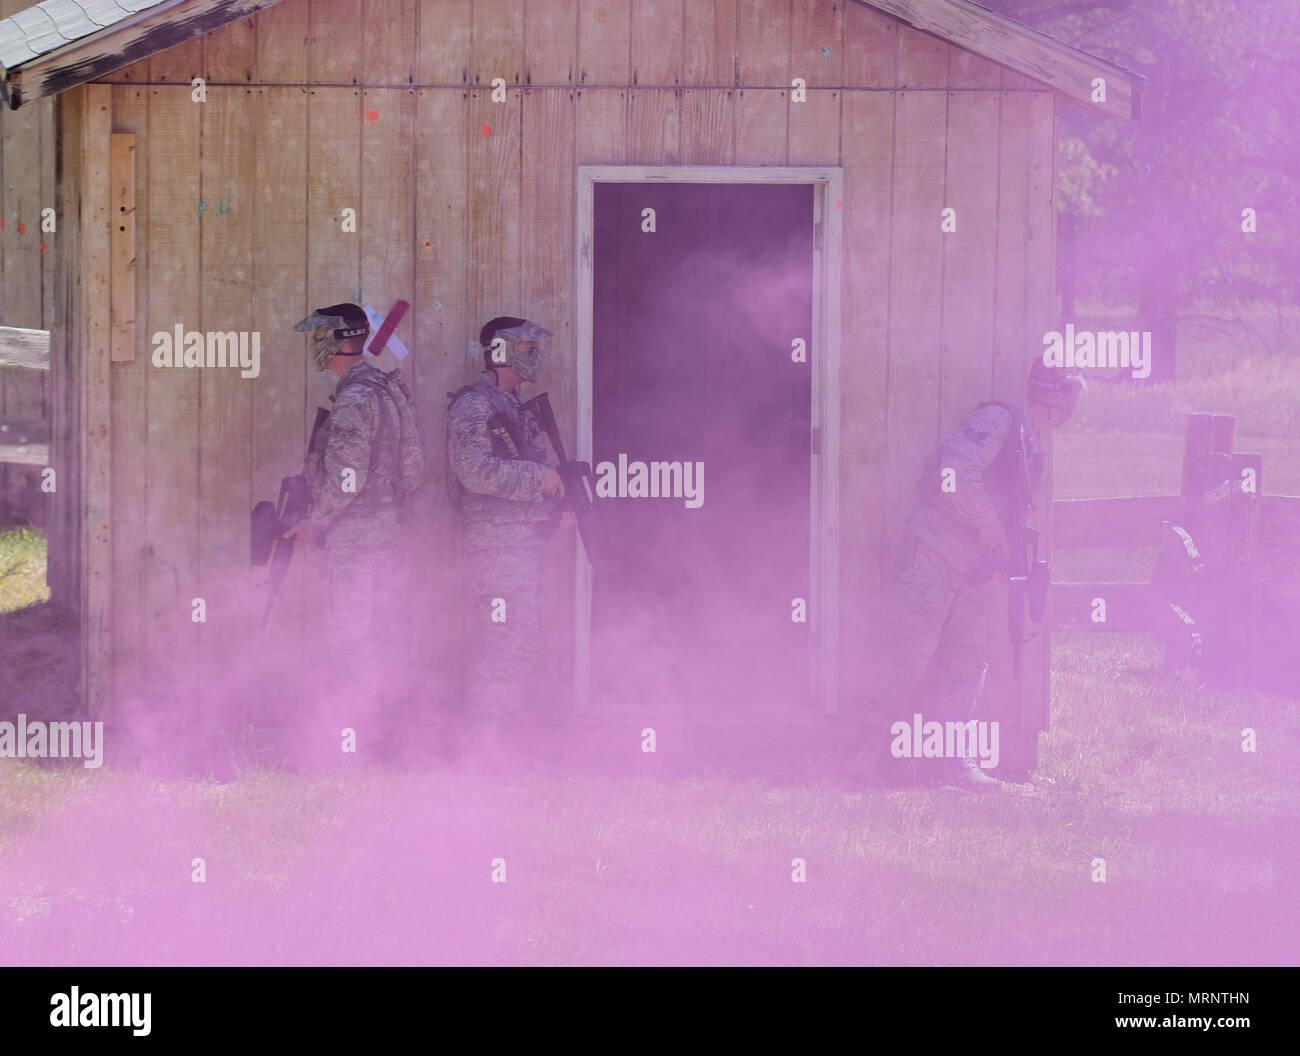 Une escouade de 28e Escadron de génie civil d'aviateurs se tenir derrière un bâtiment violée attendent pour dissiper la fumée à une simulation de village à une formation de la Garde nationale du Dakota du Sud le 19 juin, 2017 du site. Les Aviateurs utilisé l'aboutissement de leur formation pour exécuter des ordres pour effacer la simulation d'un village d'adversaires et trouver une cache d'armes. (U.S. Photo de l'Armée de l'air par la Haute Airman James L. Miller) Photo Stock